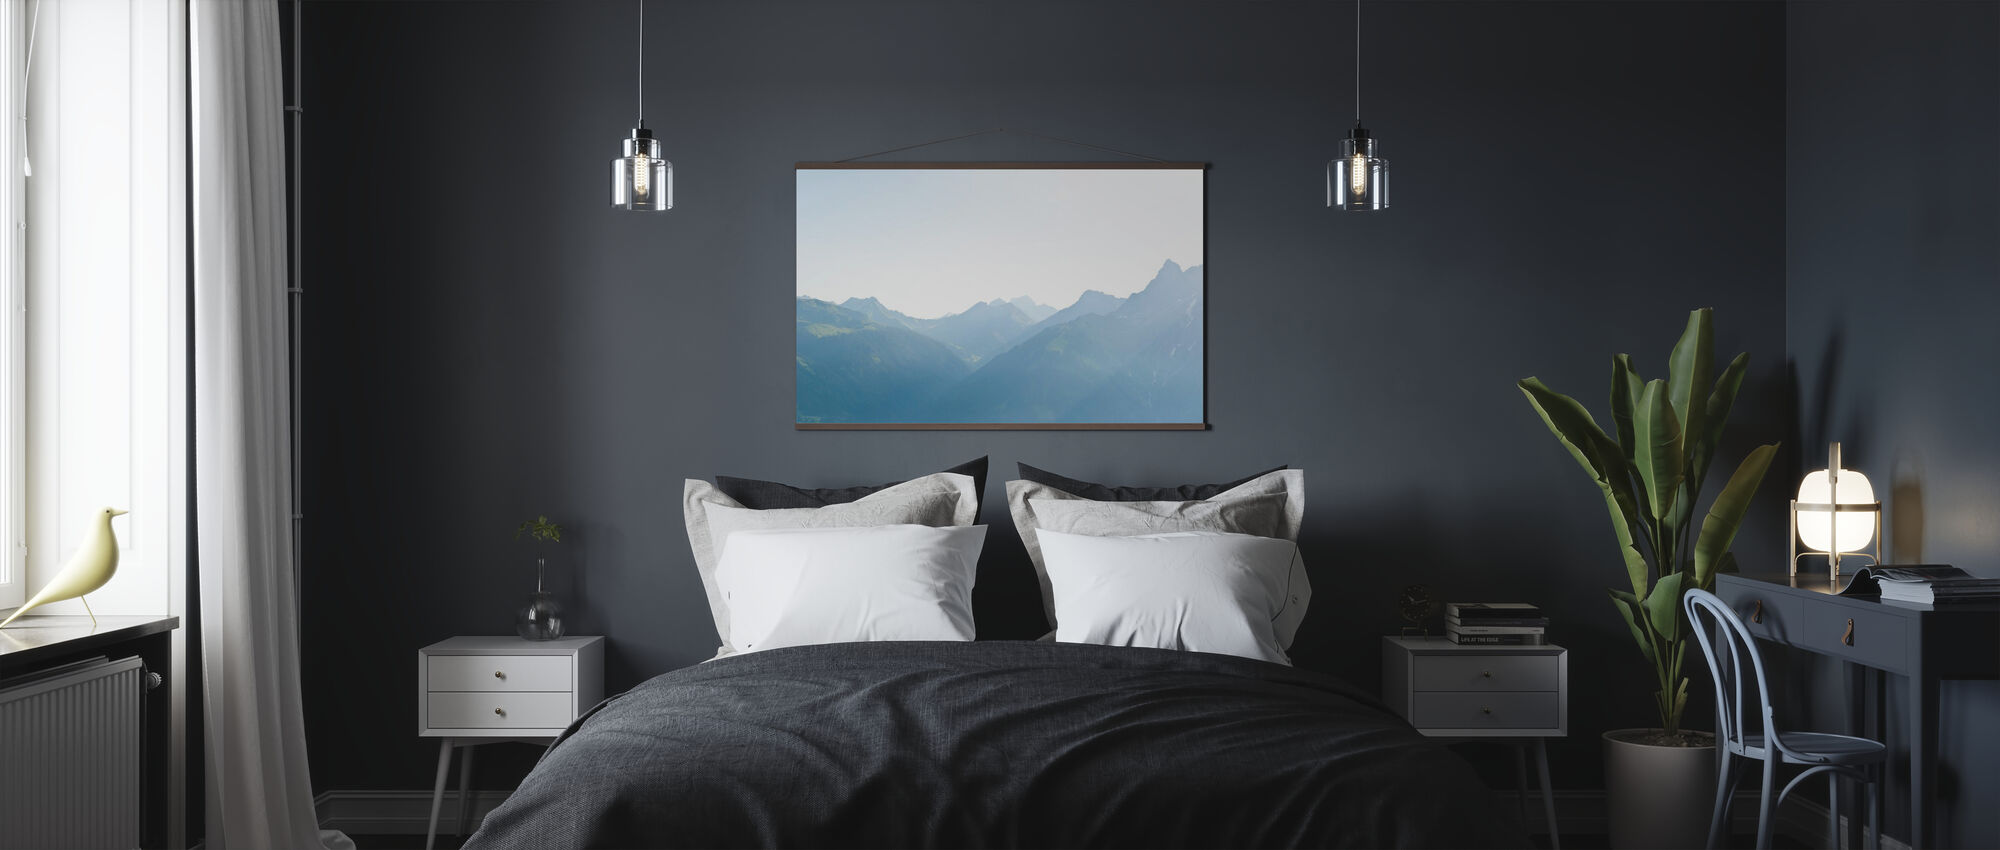 Vorarlberg, Austria - Poster - Schlafzimmer